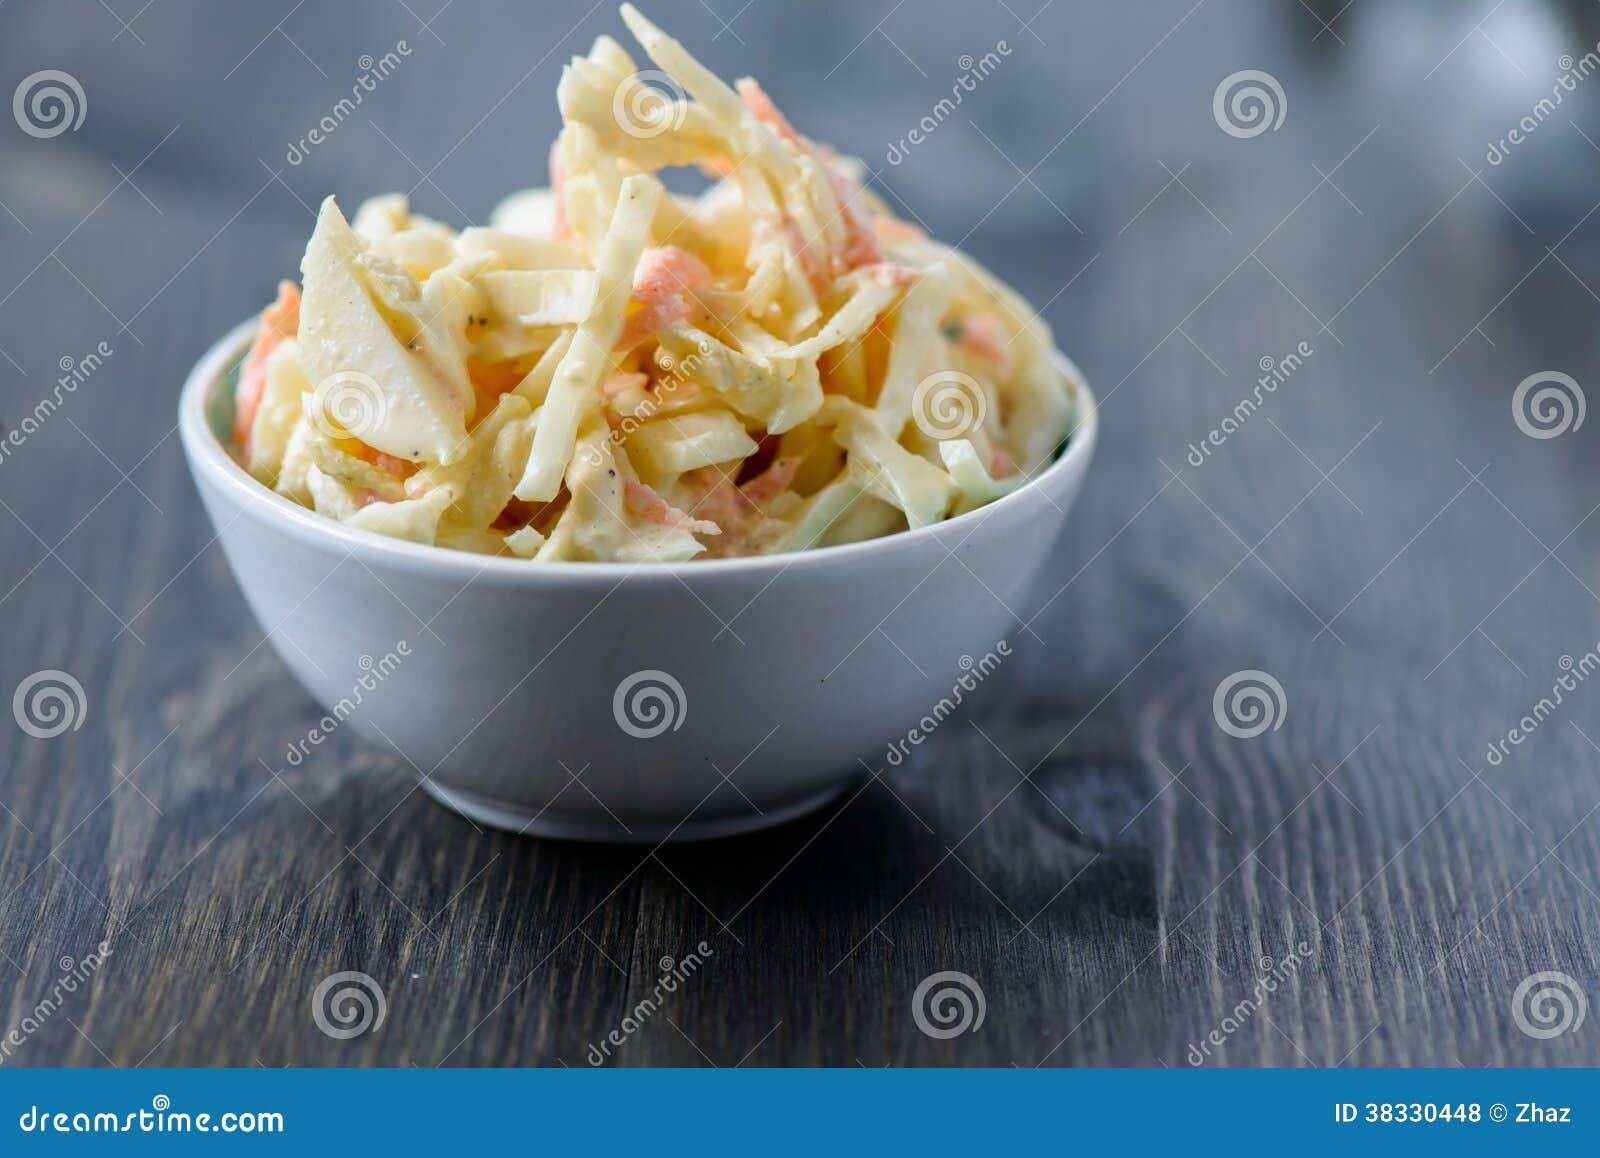 Coleslaw в шаре на деревянном столе